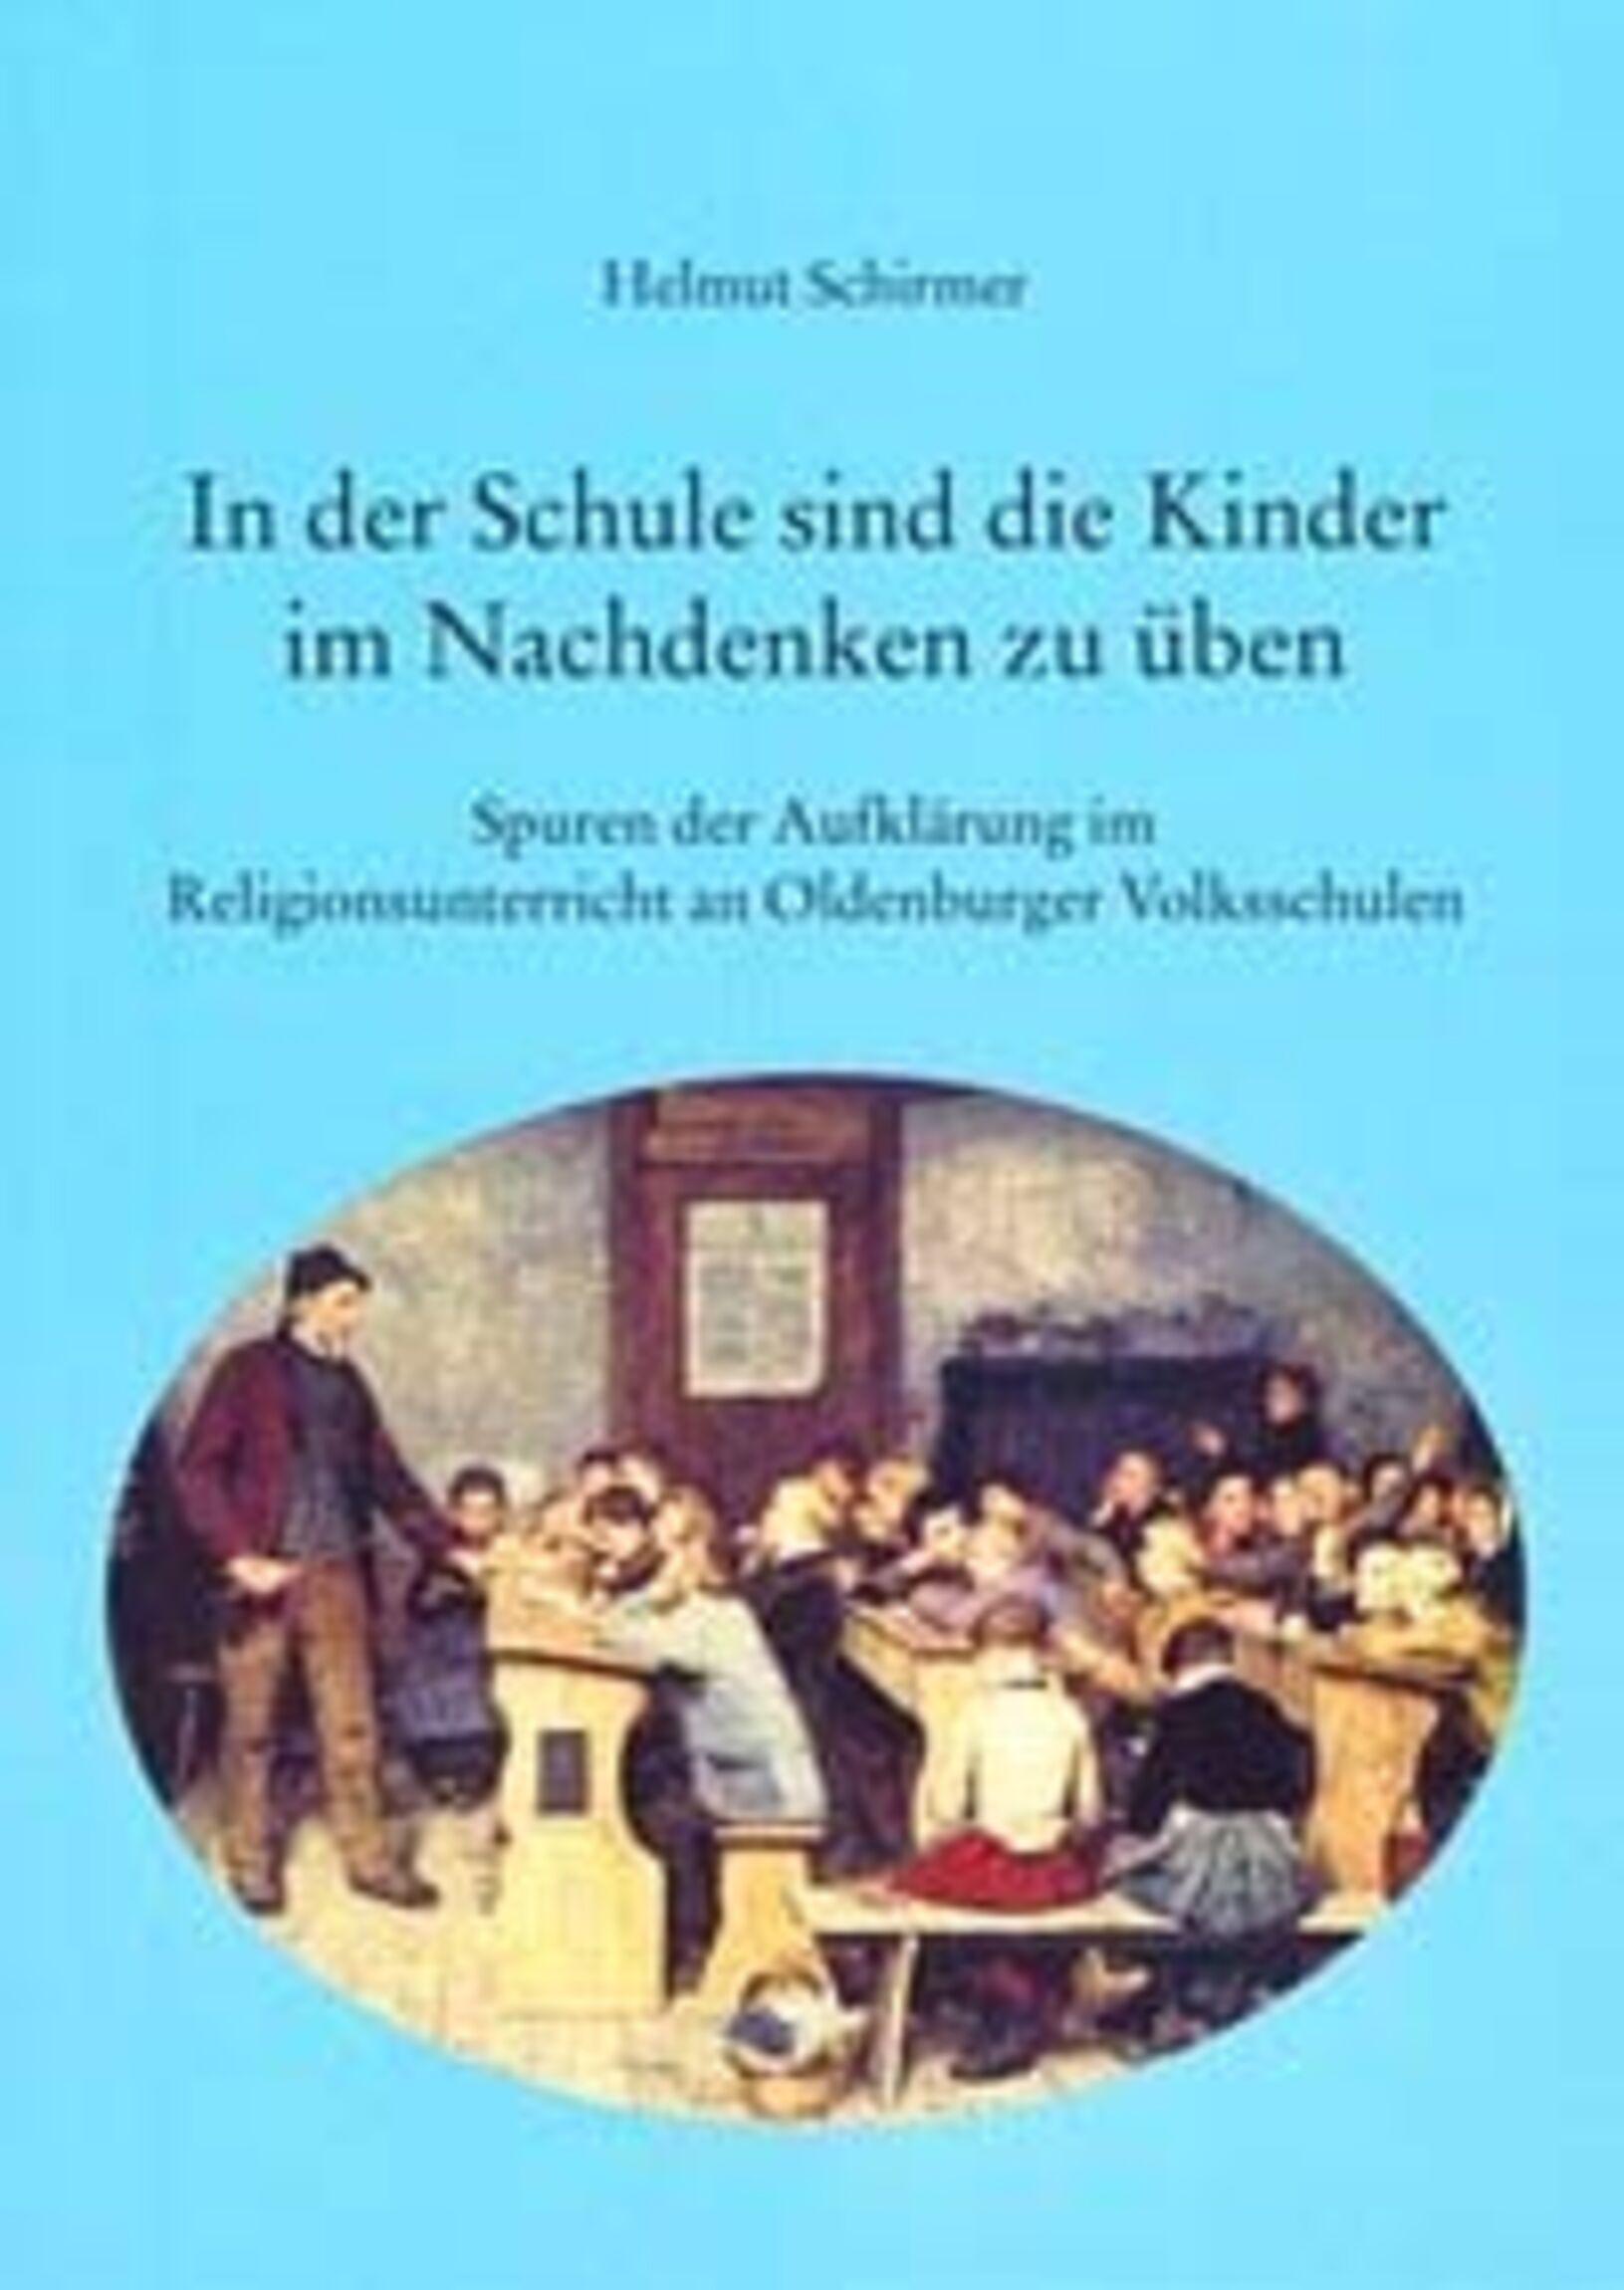 Schrimer